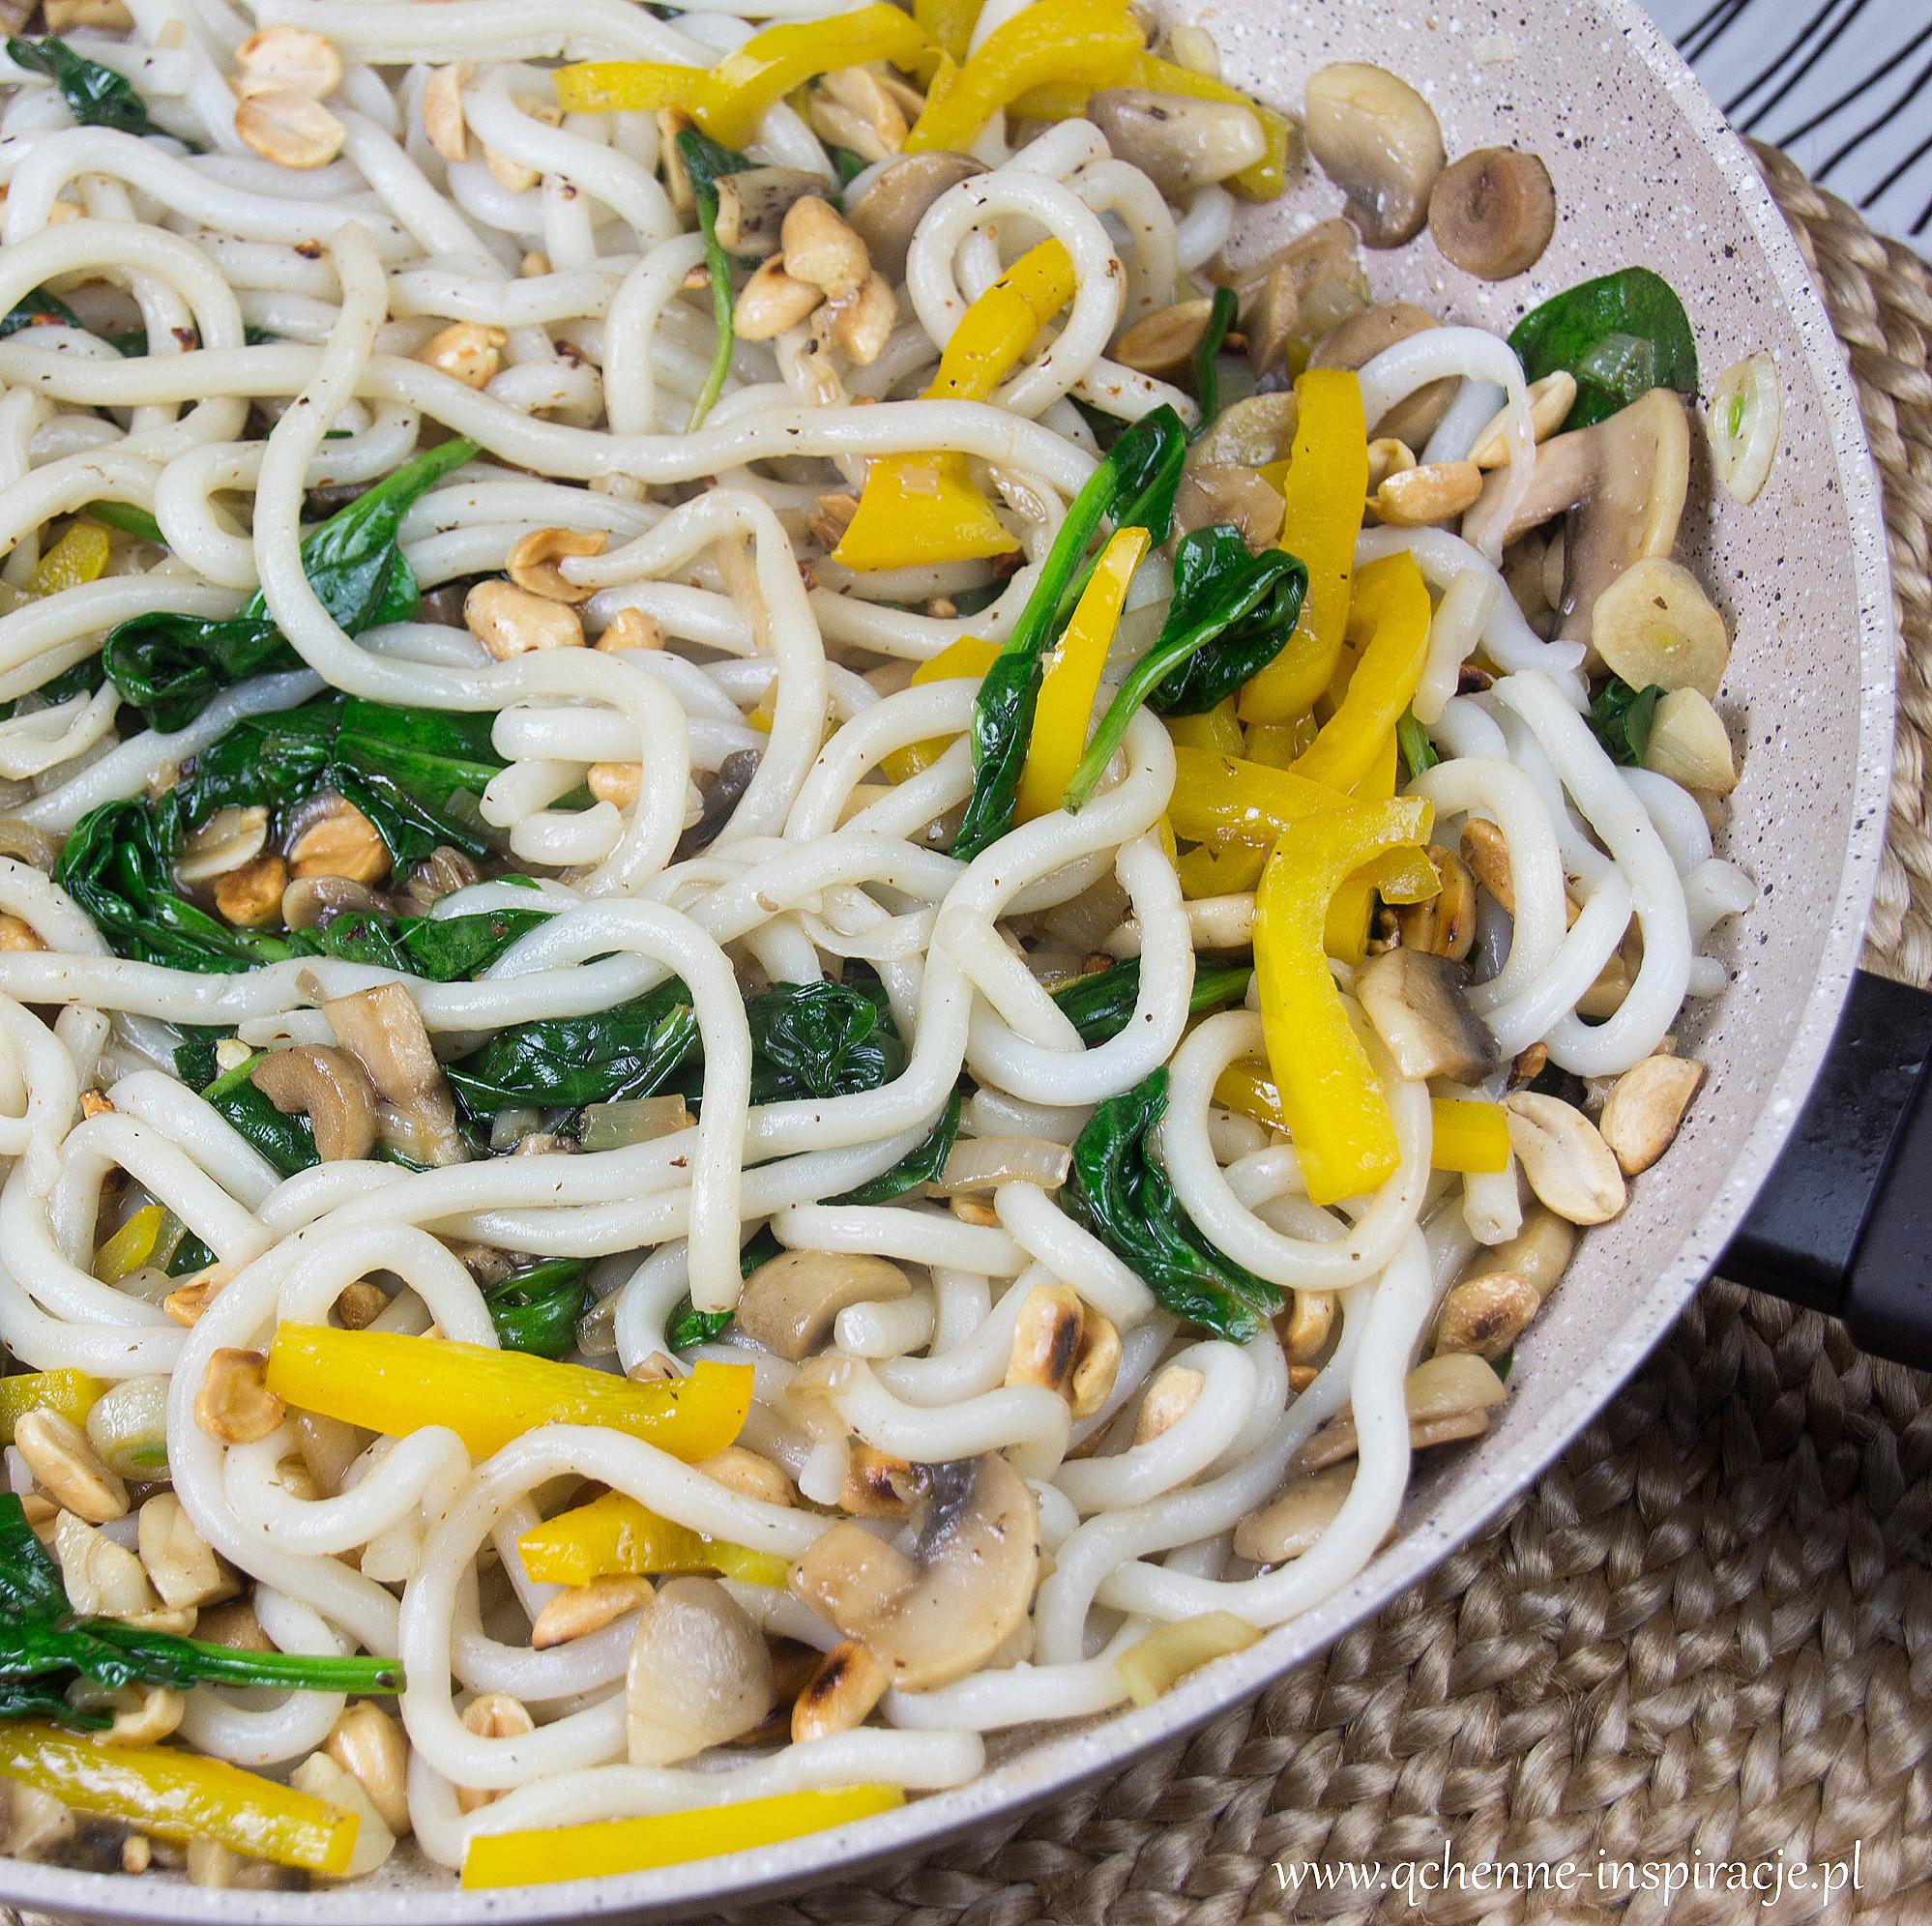 wegetariańskie i wegańskie stir fry kuchnia tajska